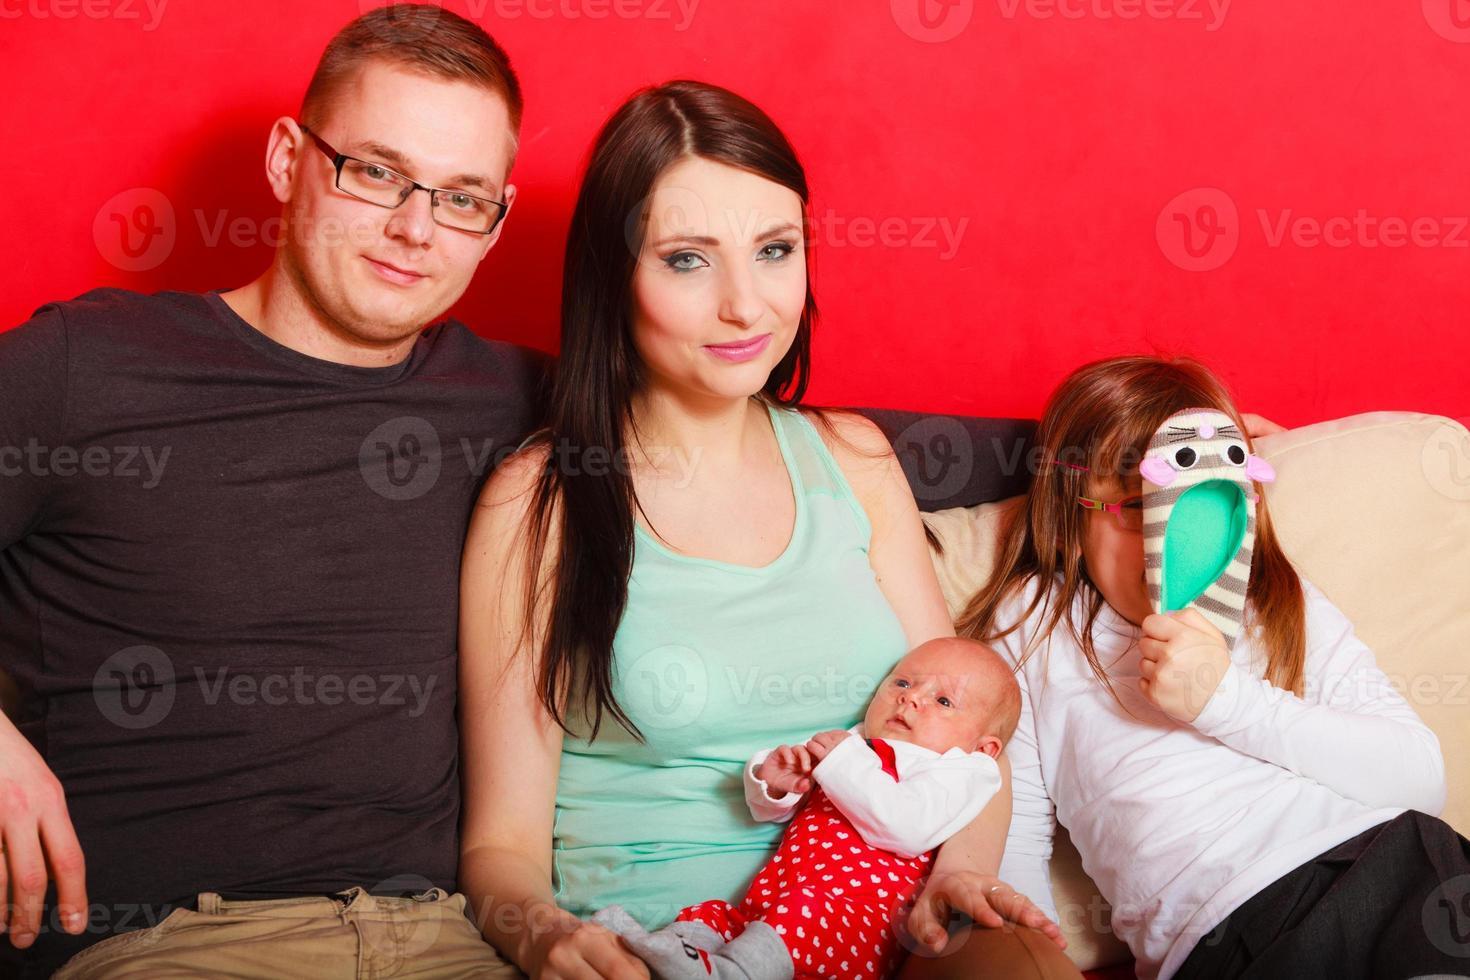 famiglia con ritratto di bambina appena nata foto